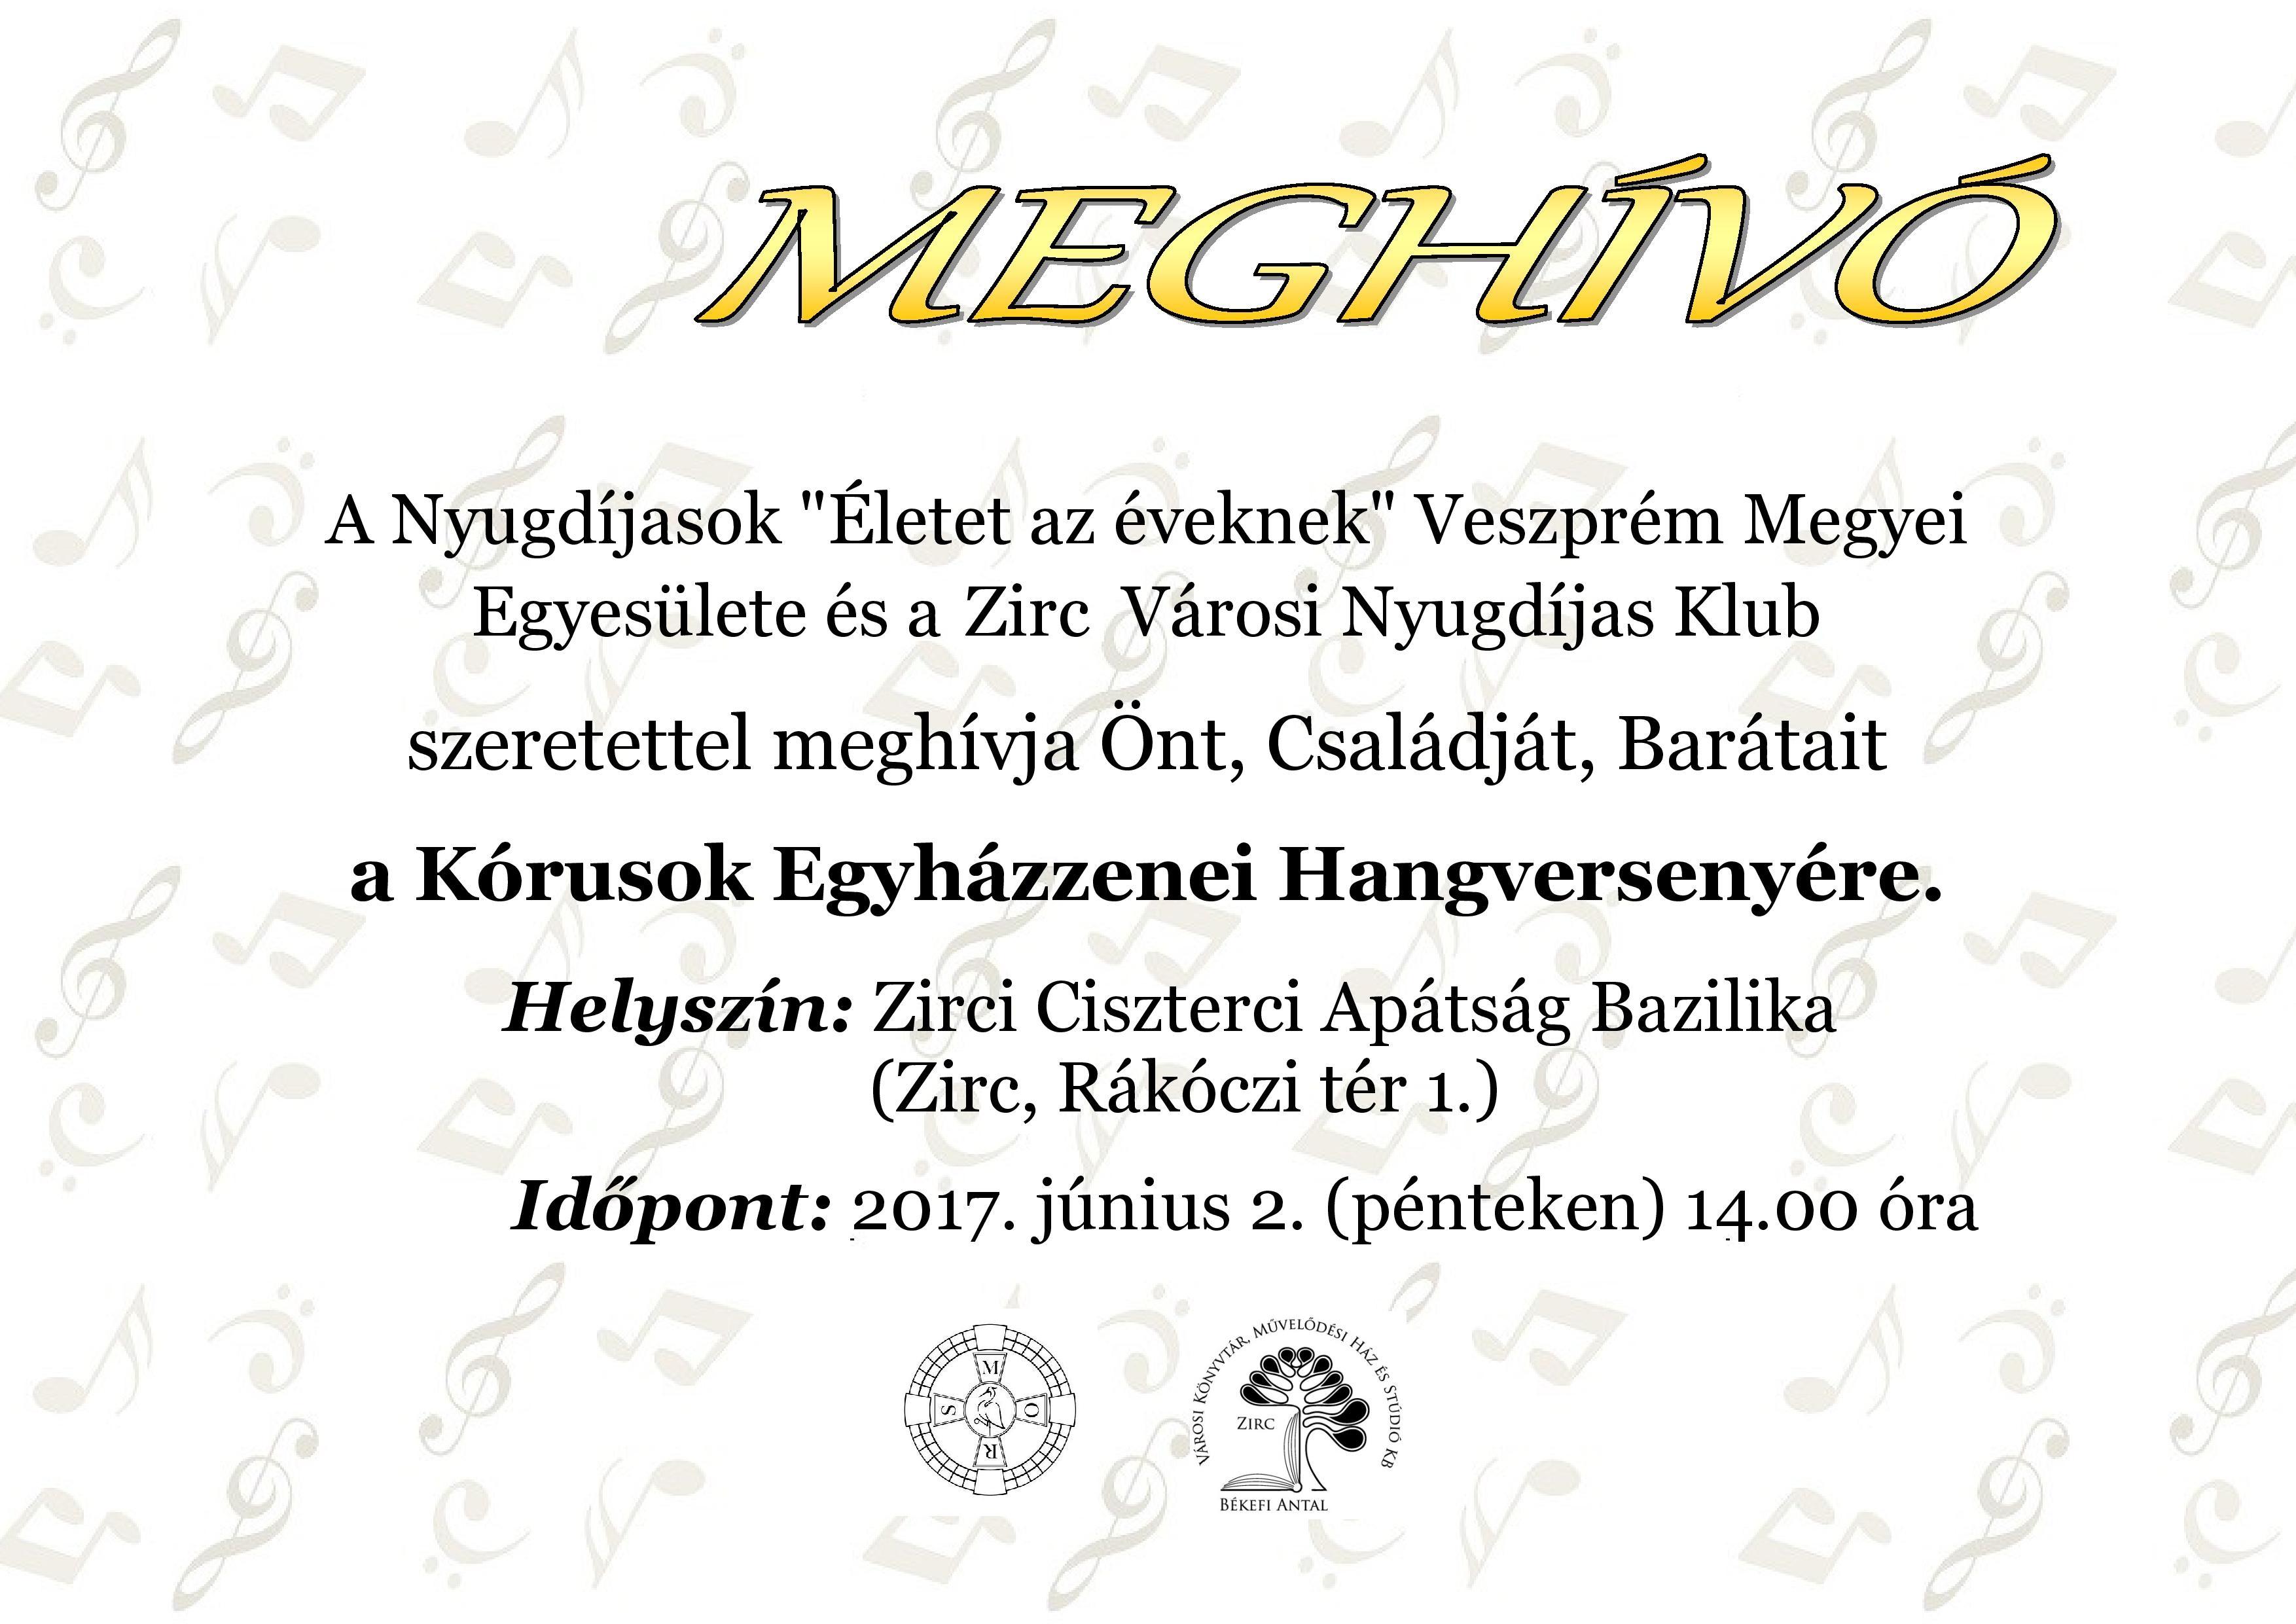 2017-06-02_egyhazzenei_korurtalalkozo.jpg